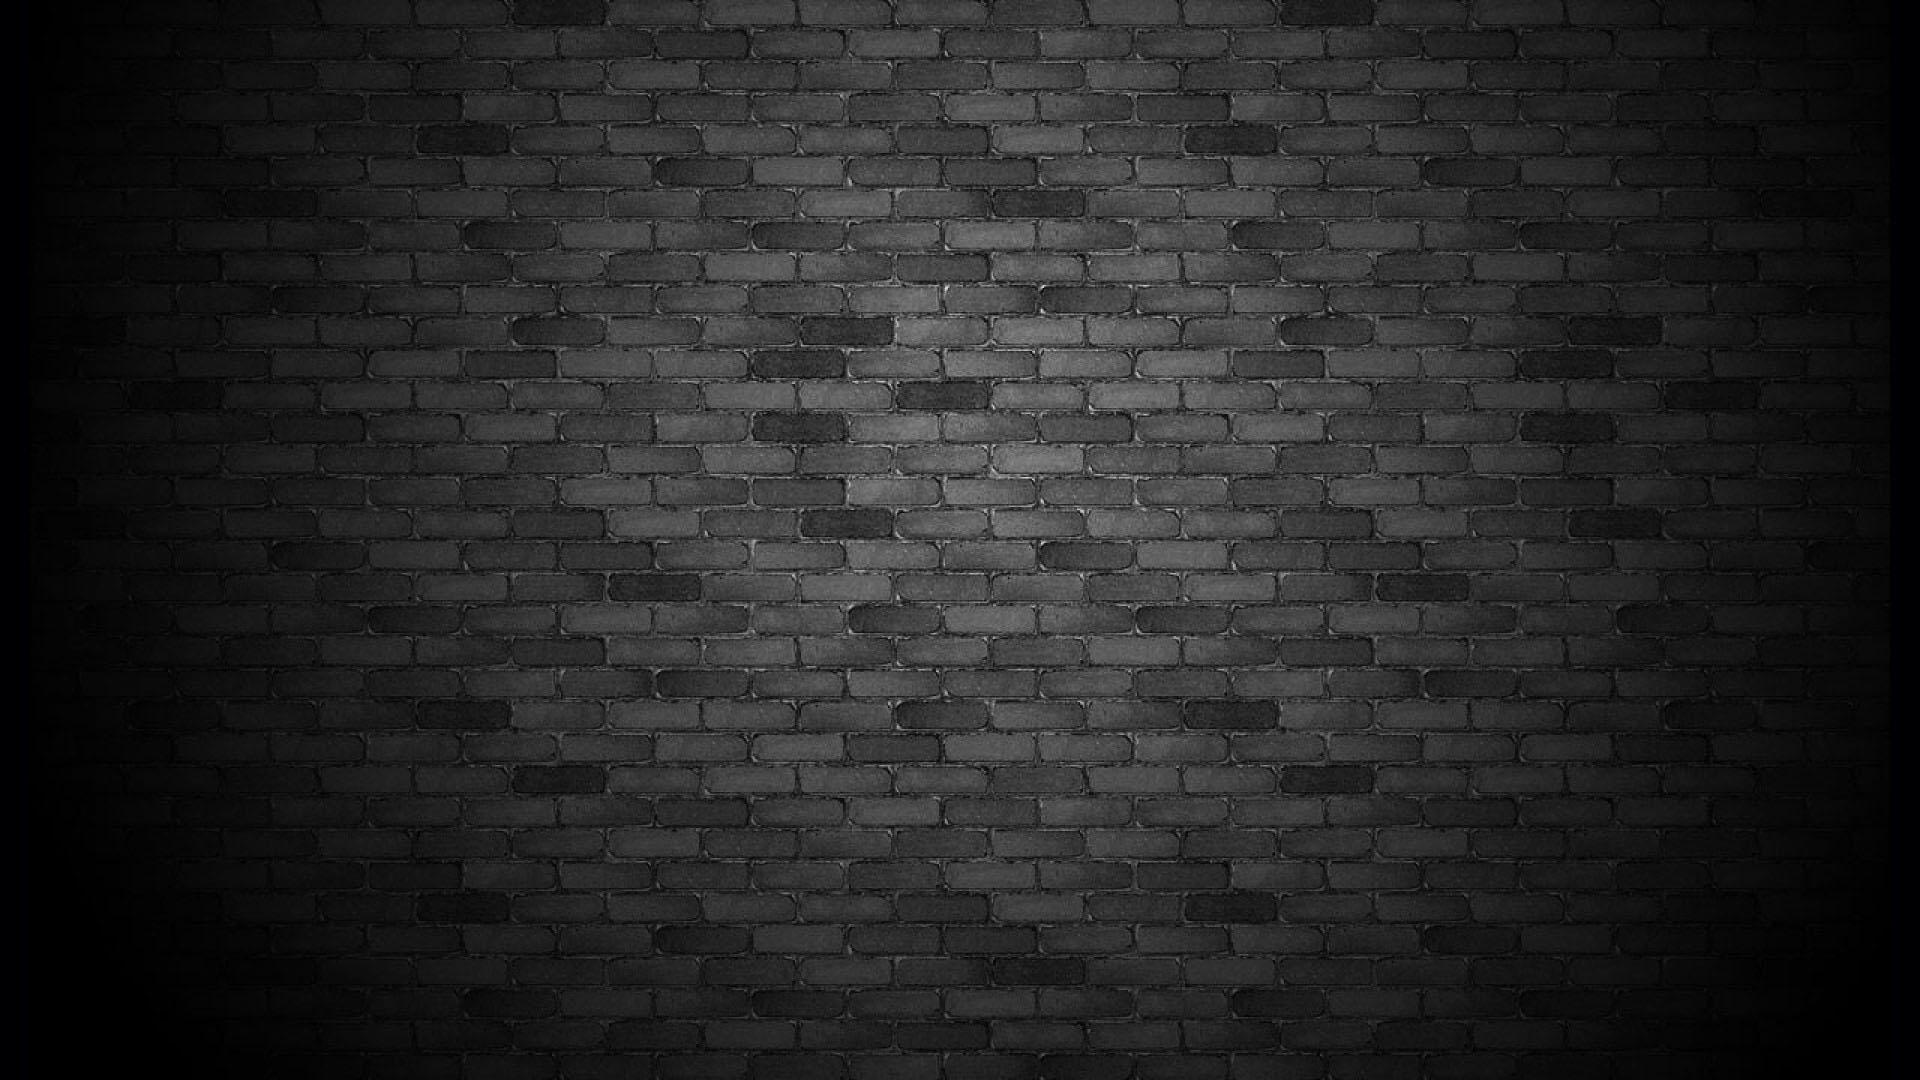 [48+] Black Brick Wallpaper on WallpaperSafari